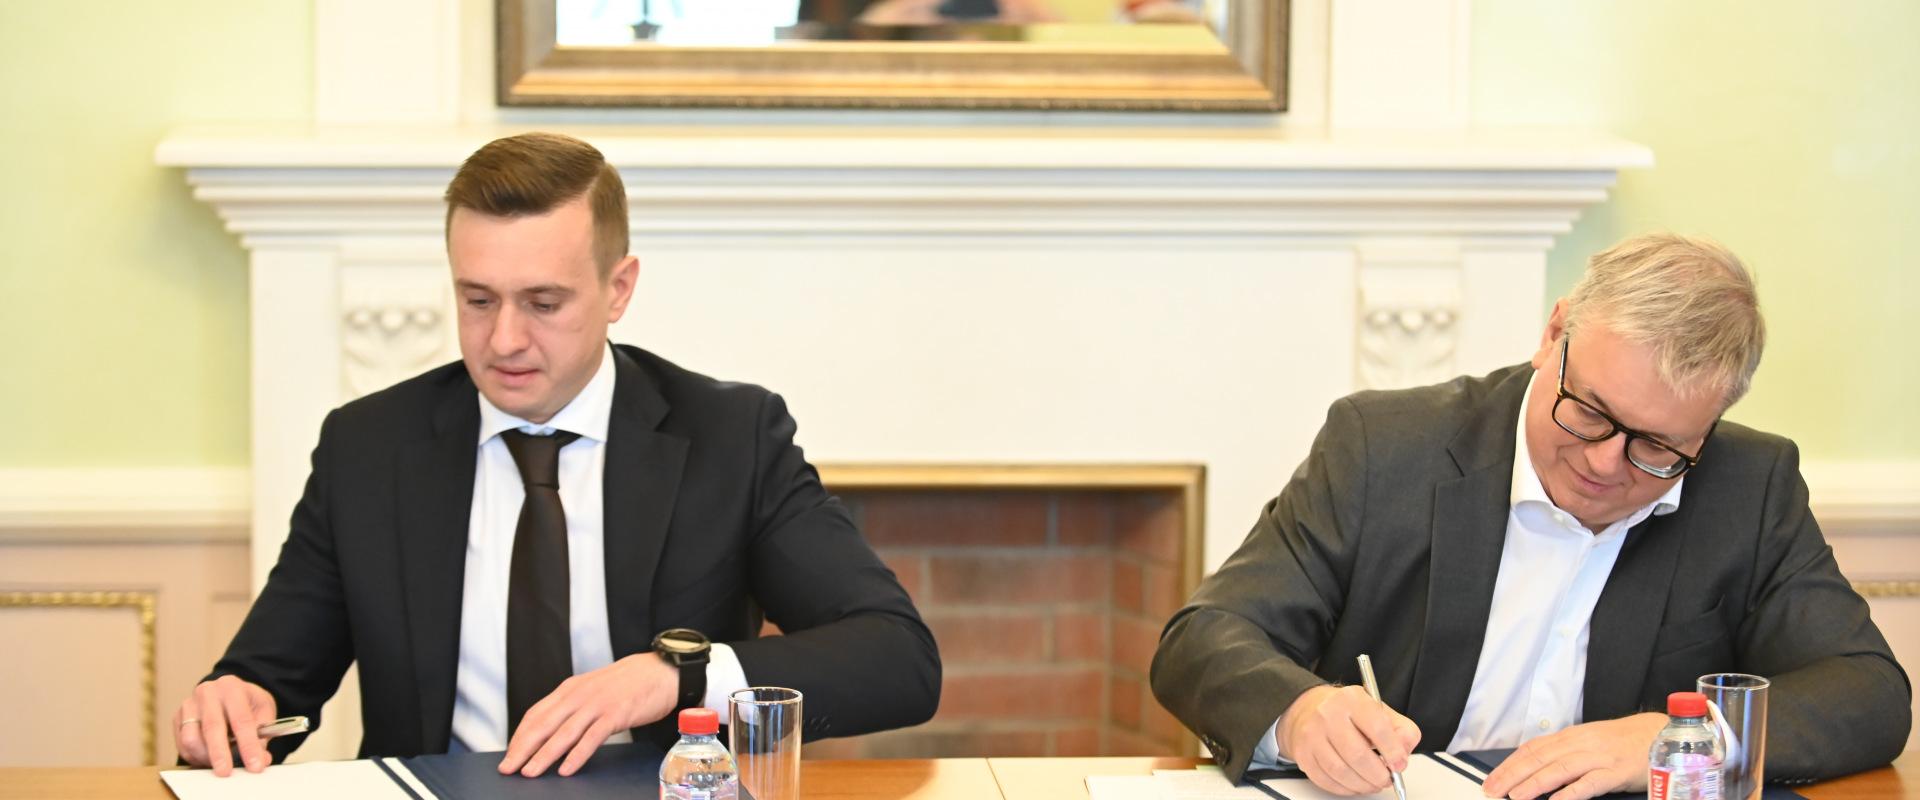 РФС и ВШЭ подписали соглашение о долгосрочном сотрудничестве